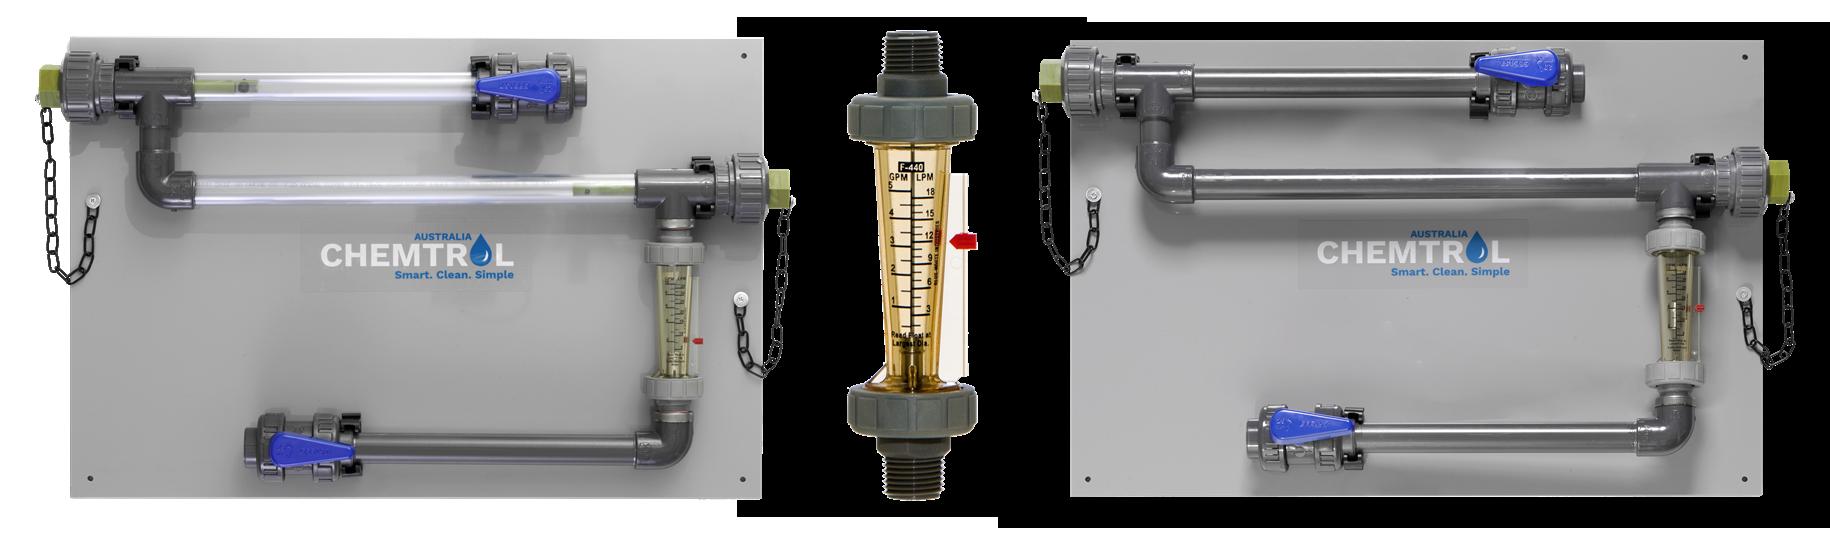 CHEMTROL® Corrosion Coupon Racks - Image